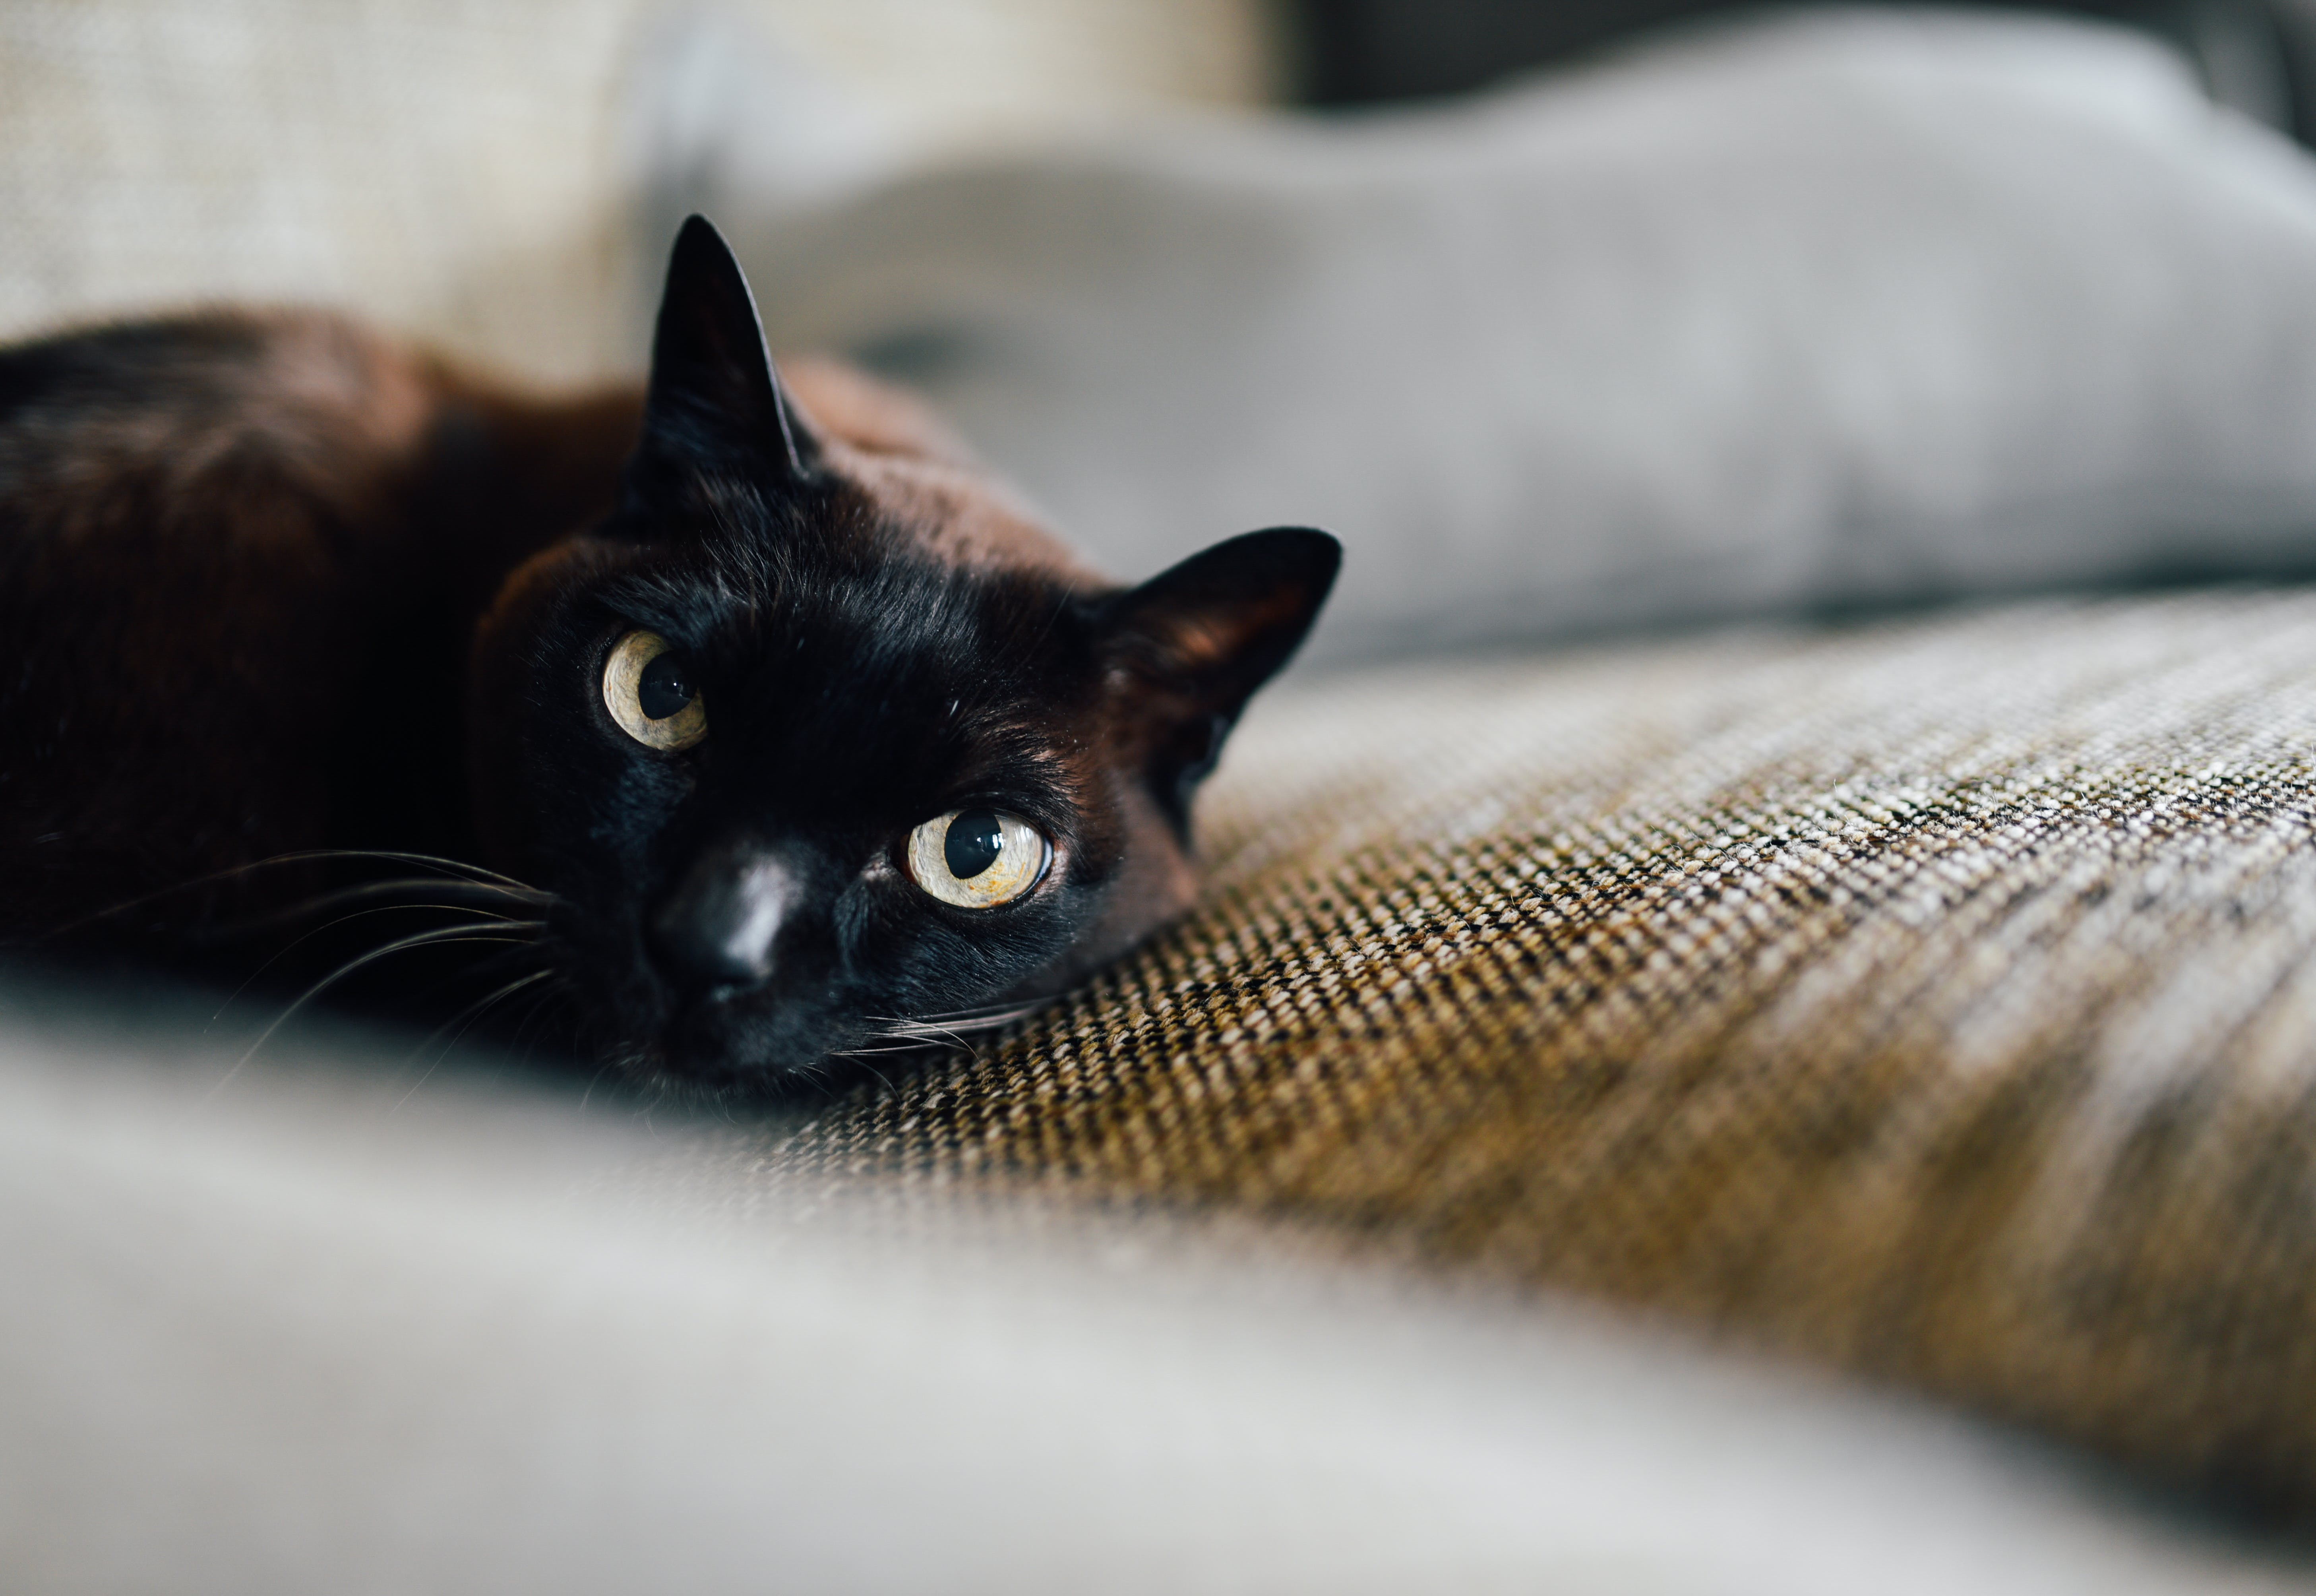 Δωρεάν στοκ φωτογραφιών με αναπαύομαι, Γάτα, καναπές, κατοικίδιο